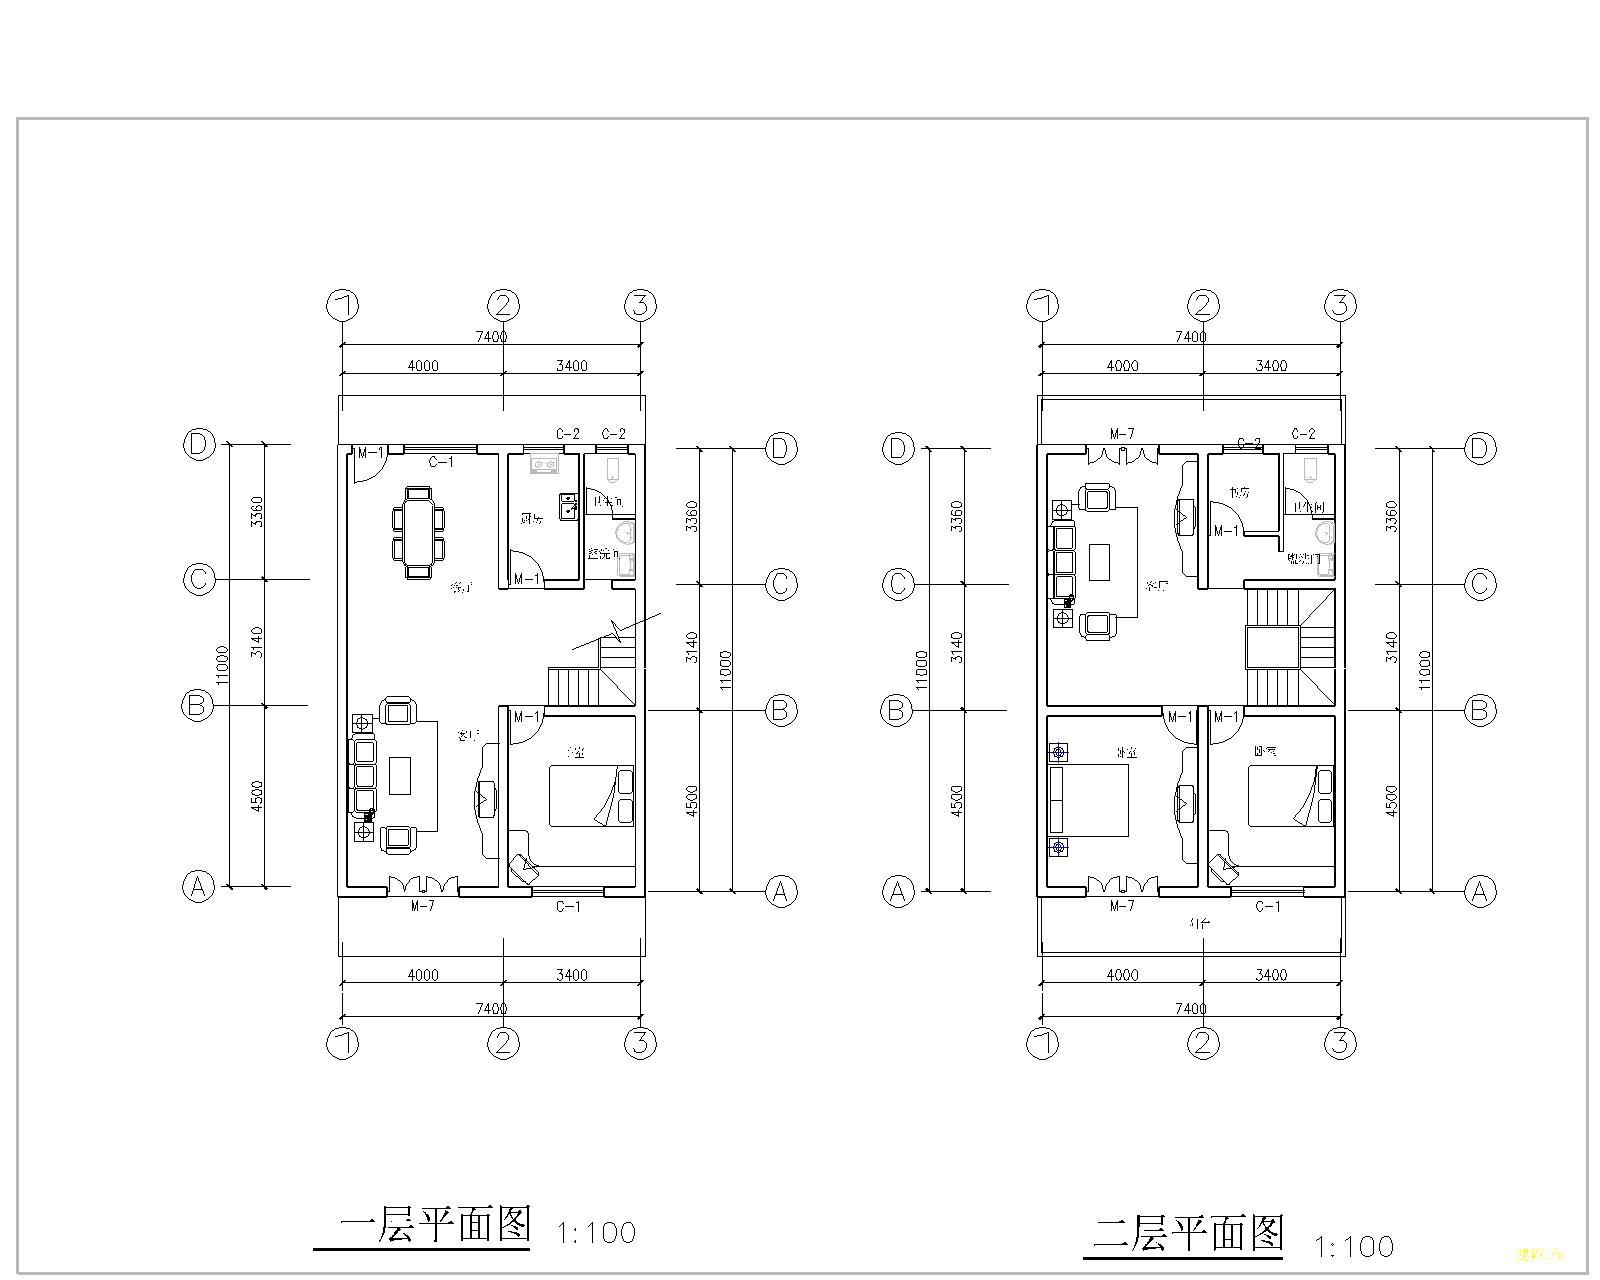 有没有会设计 自建房图纸,80平方,两层两边都是别人的图片